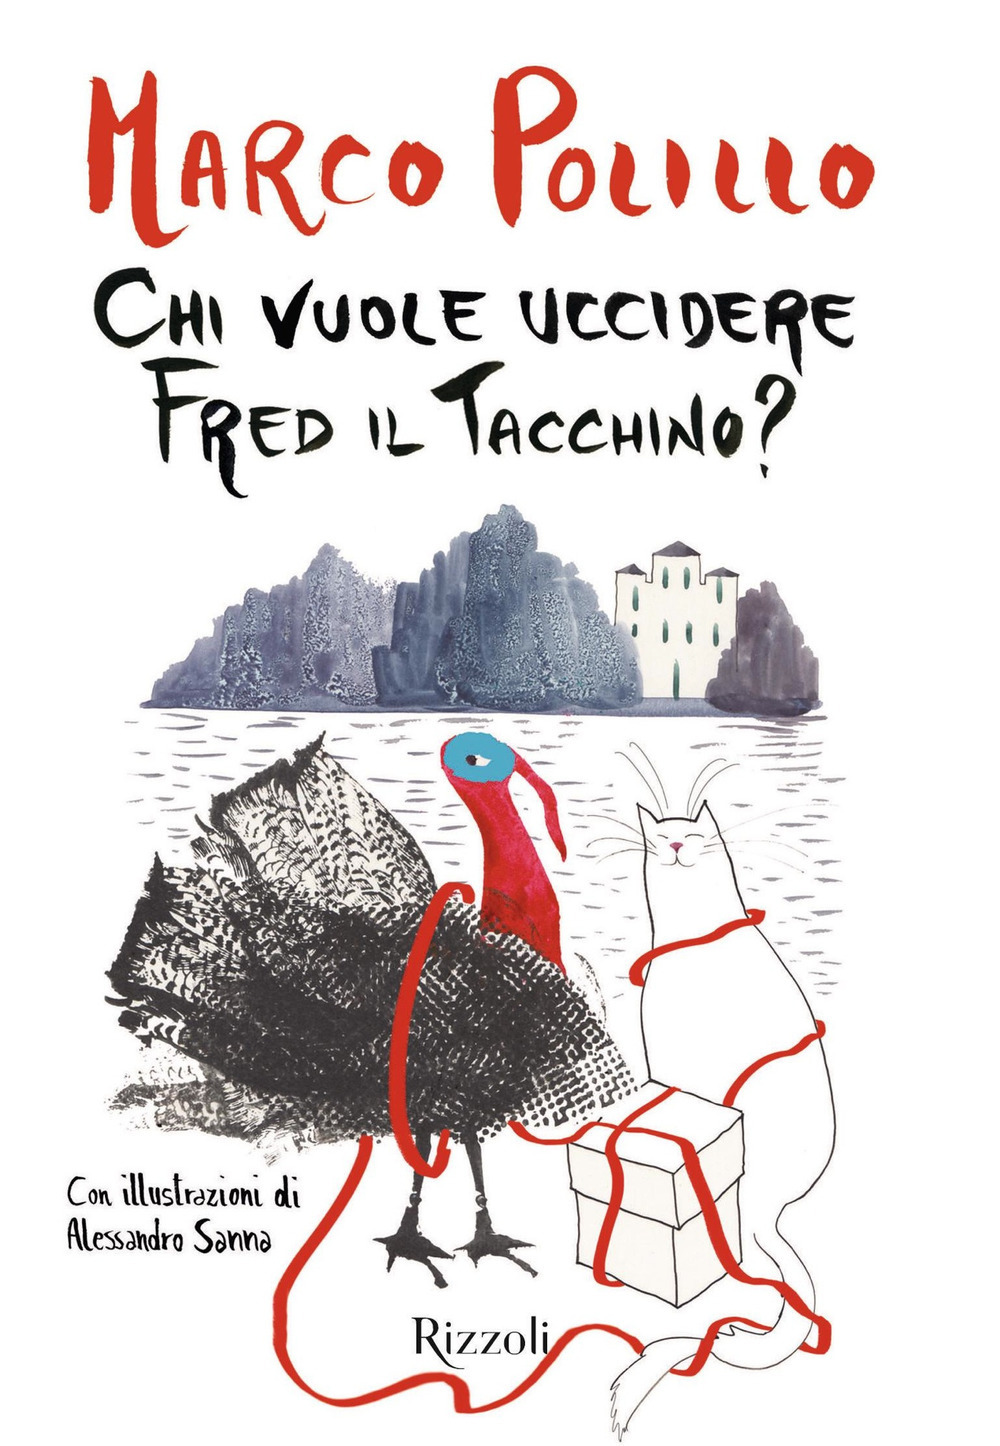 vuole_uccidere_Fred_tacchino_rizzoli